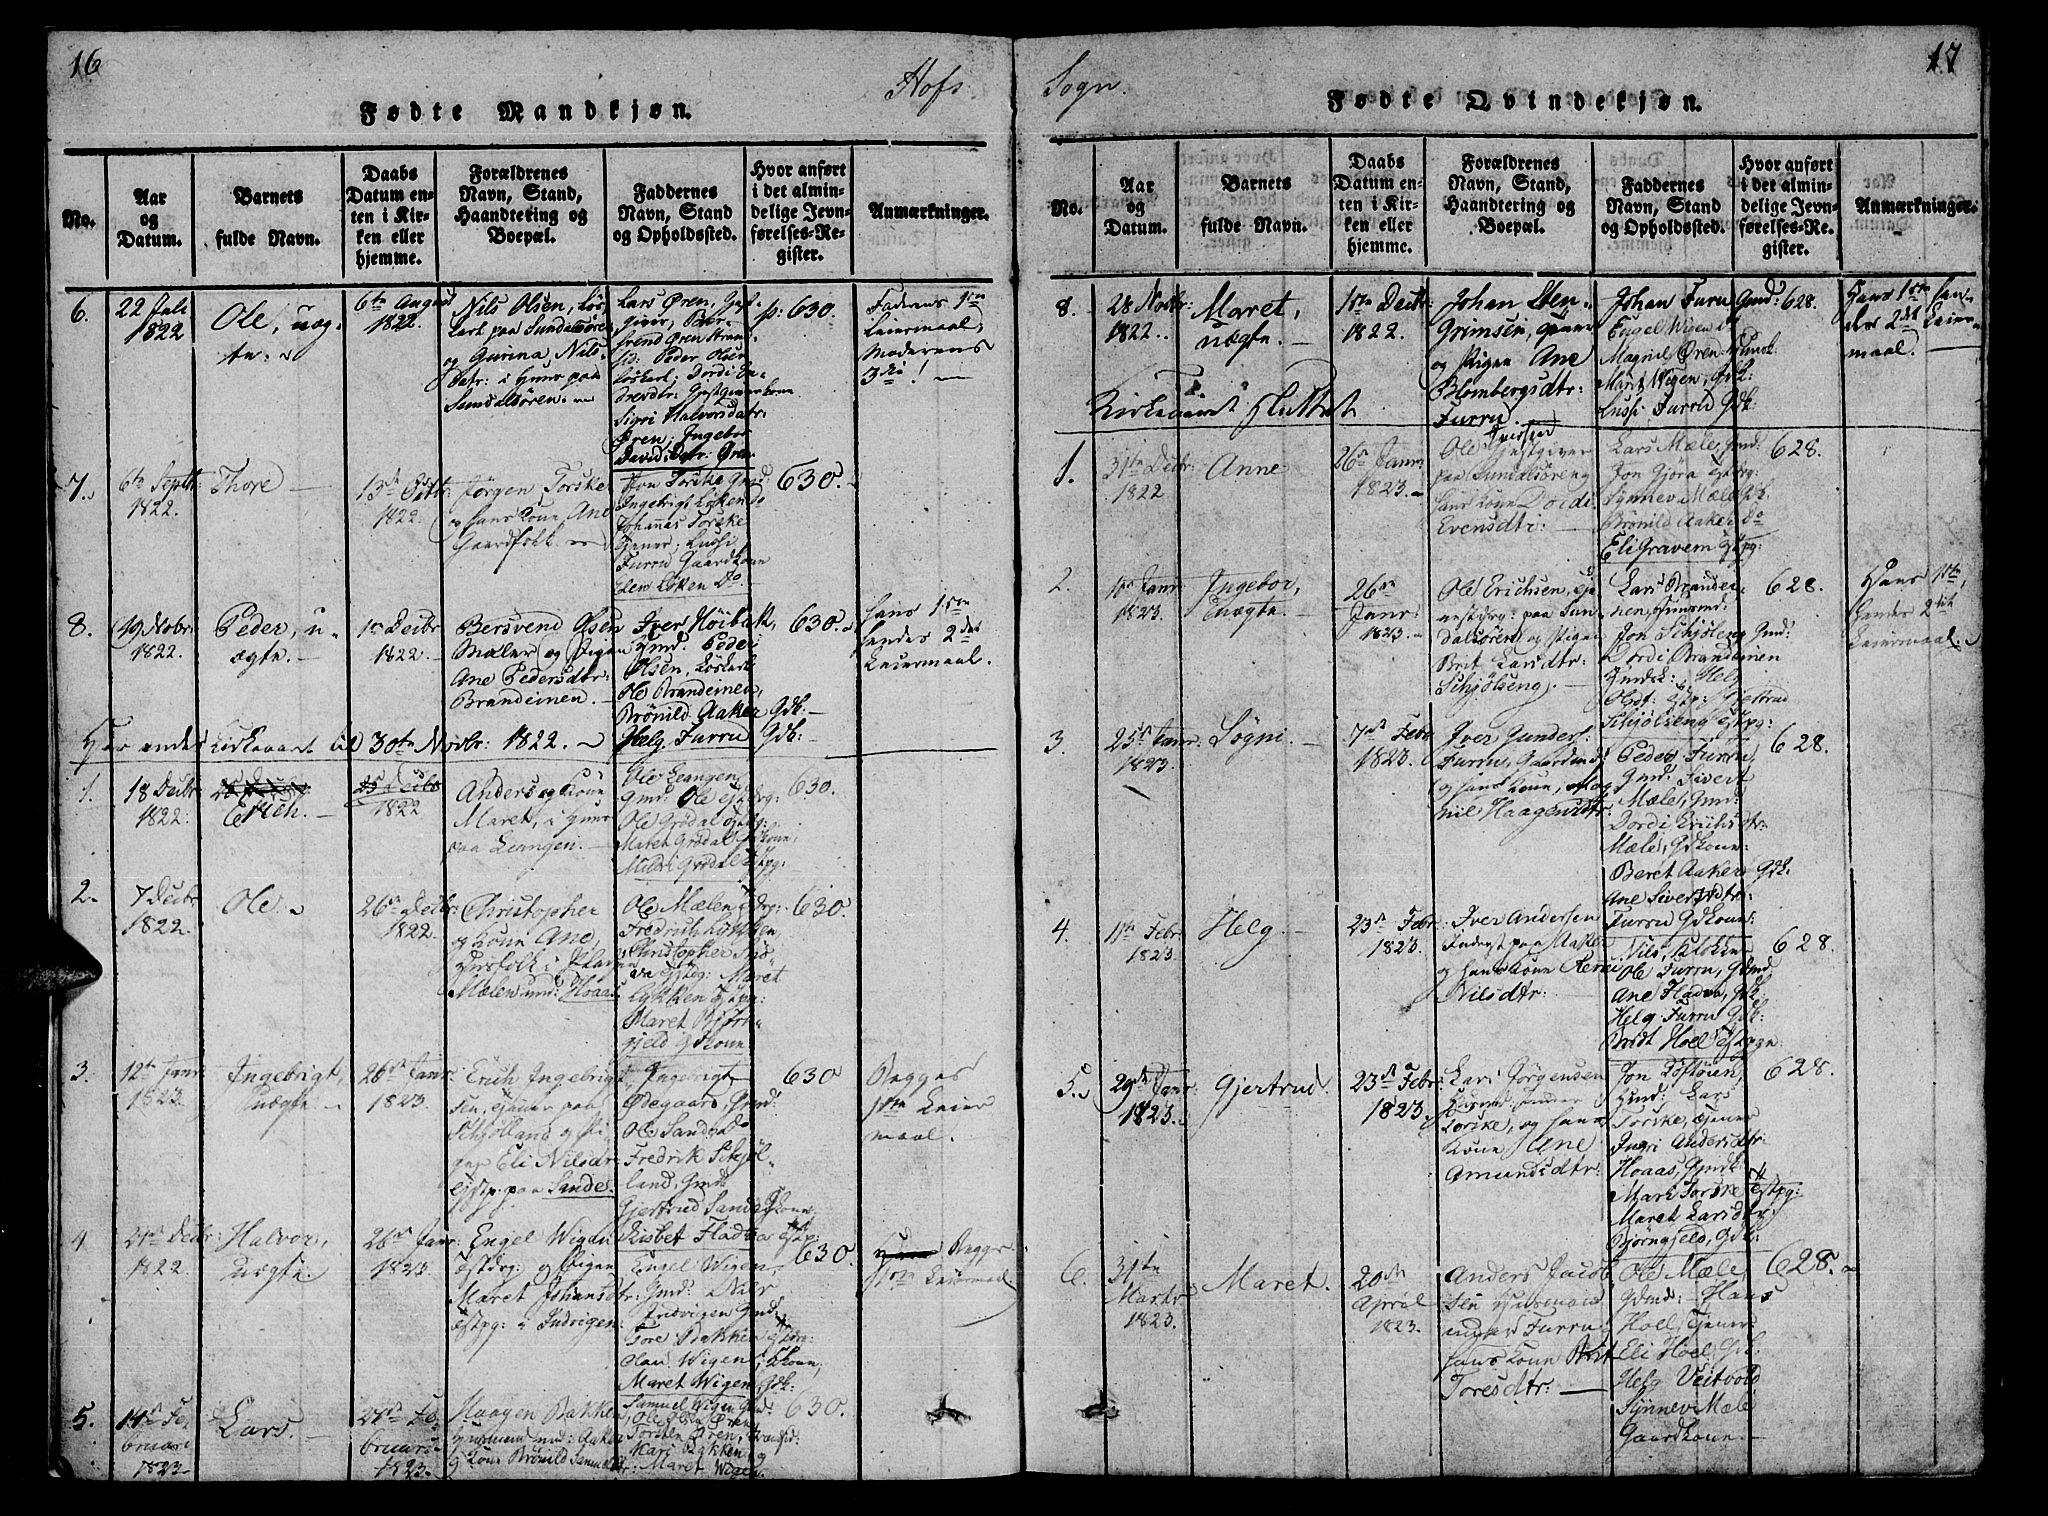 SAT, Ministerialprotokoller, klokkerbøker og fødselsregistre - Møre og Romsdal, 590/L1009: Ministerialbok nr. 590A03 /1, 1819-1832, s. 16-17